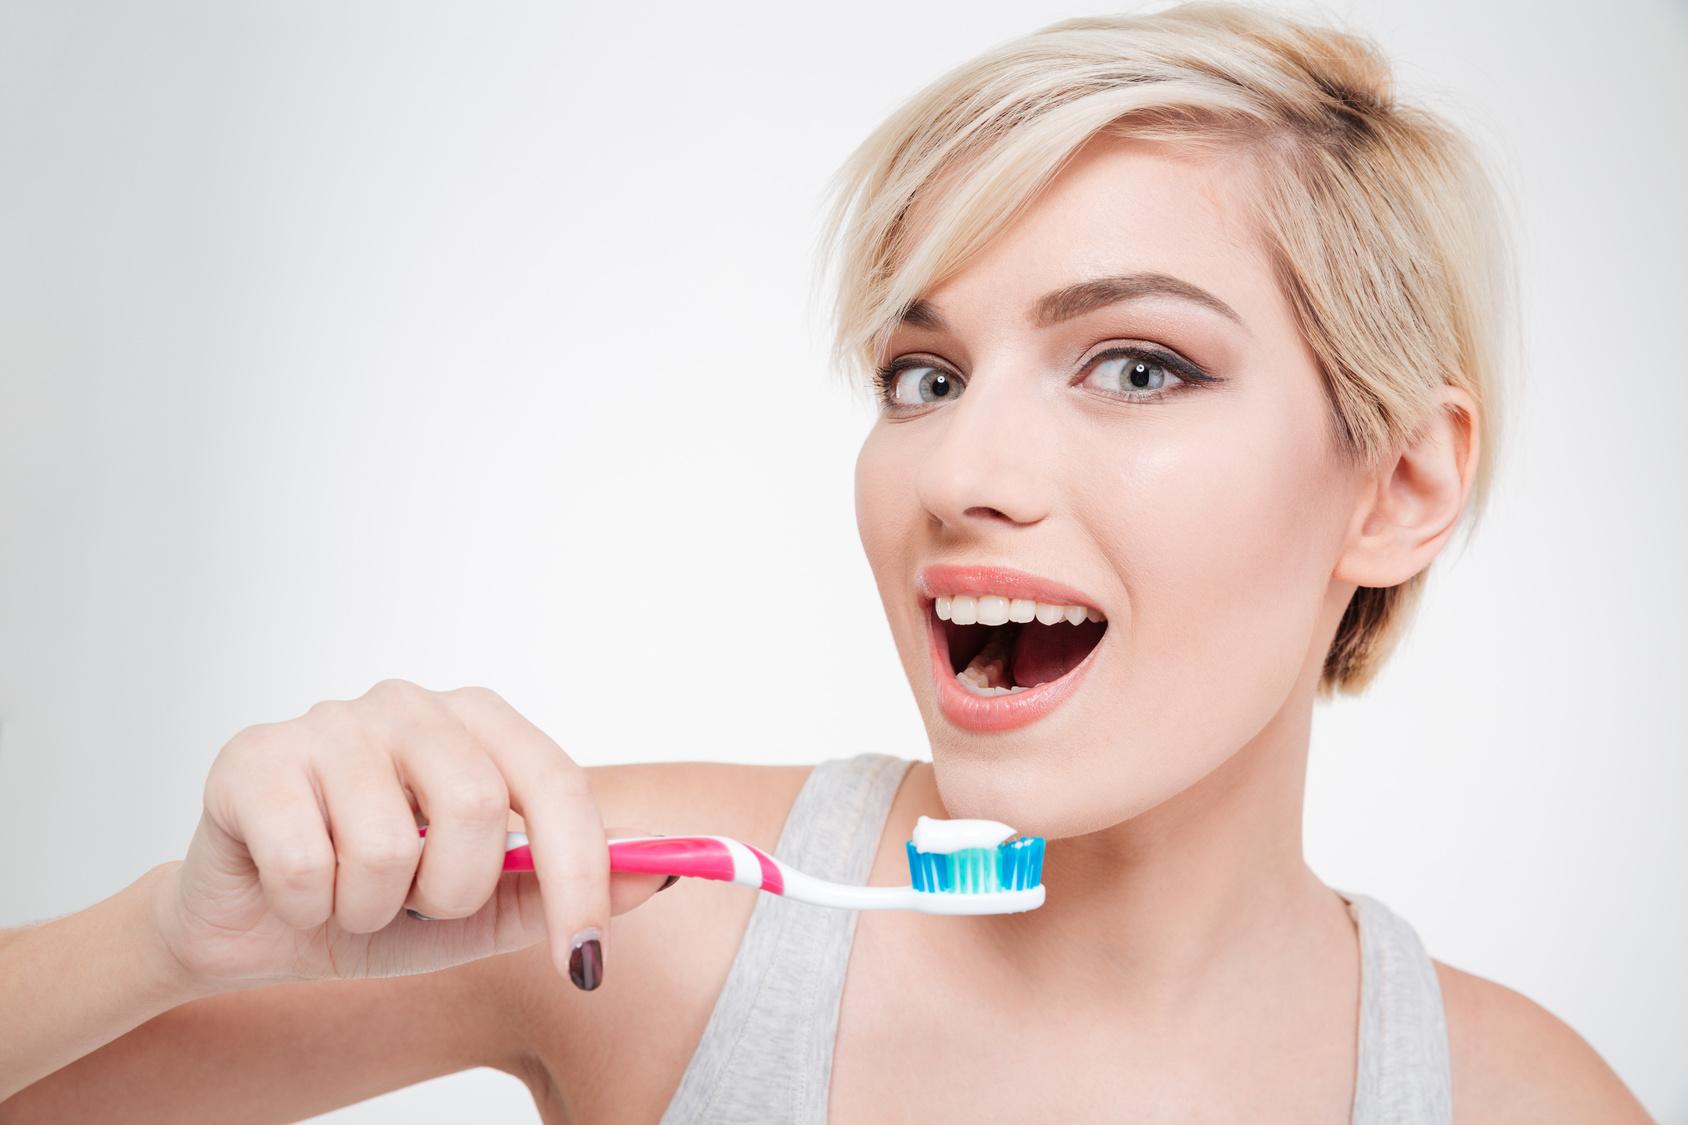 歯を白くするっていう歯磨き粉、本当に効くの?